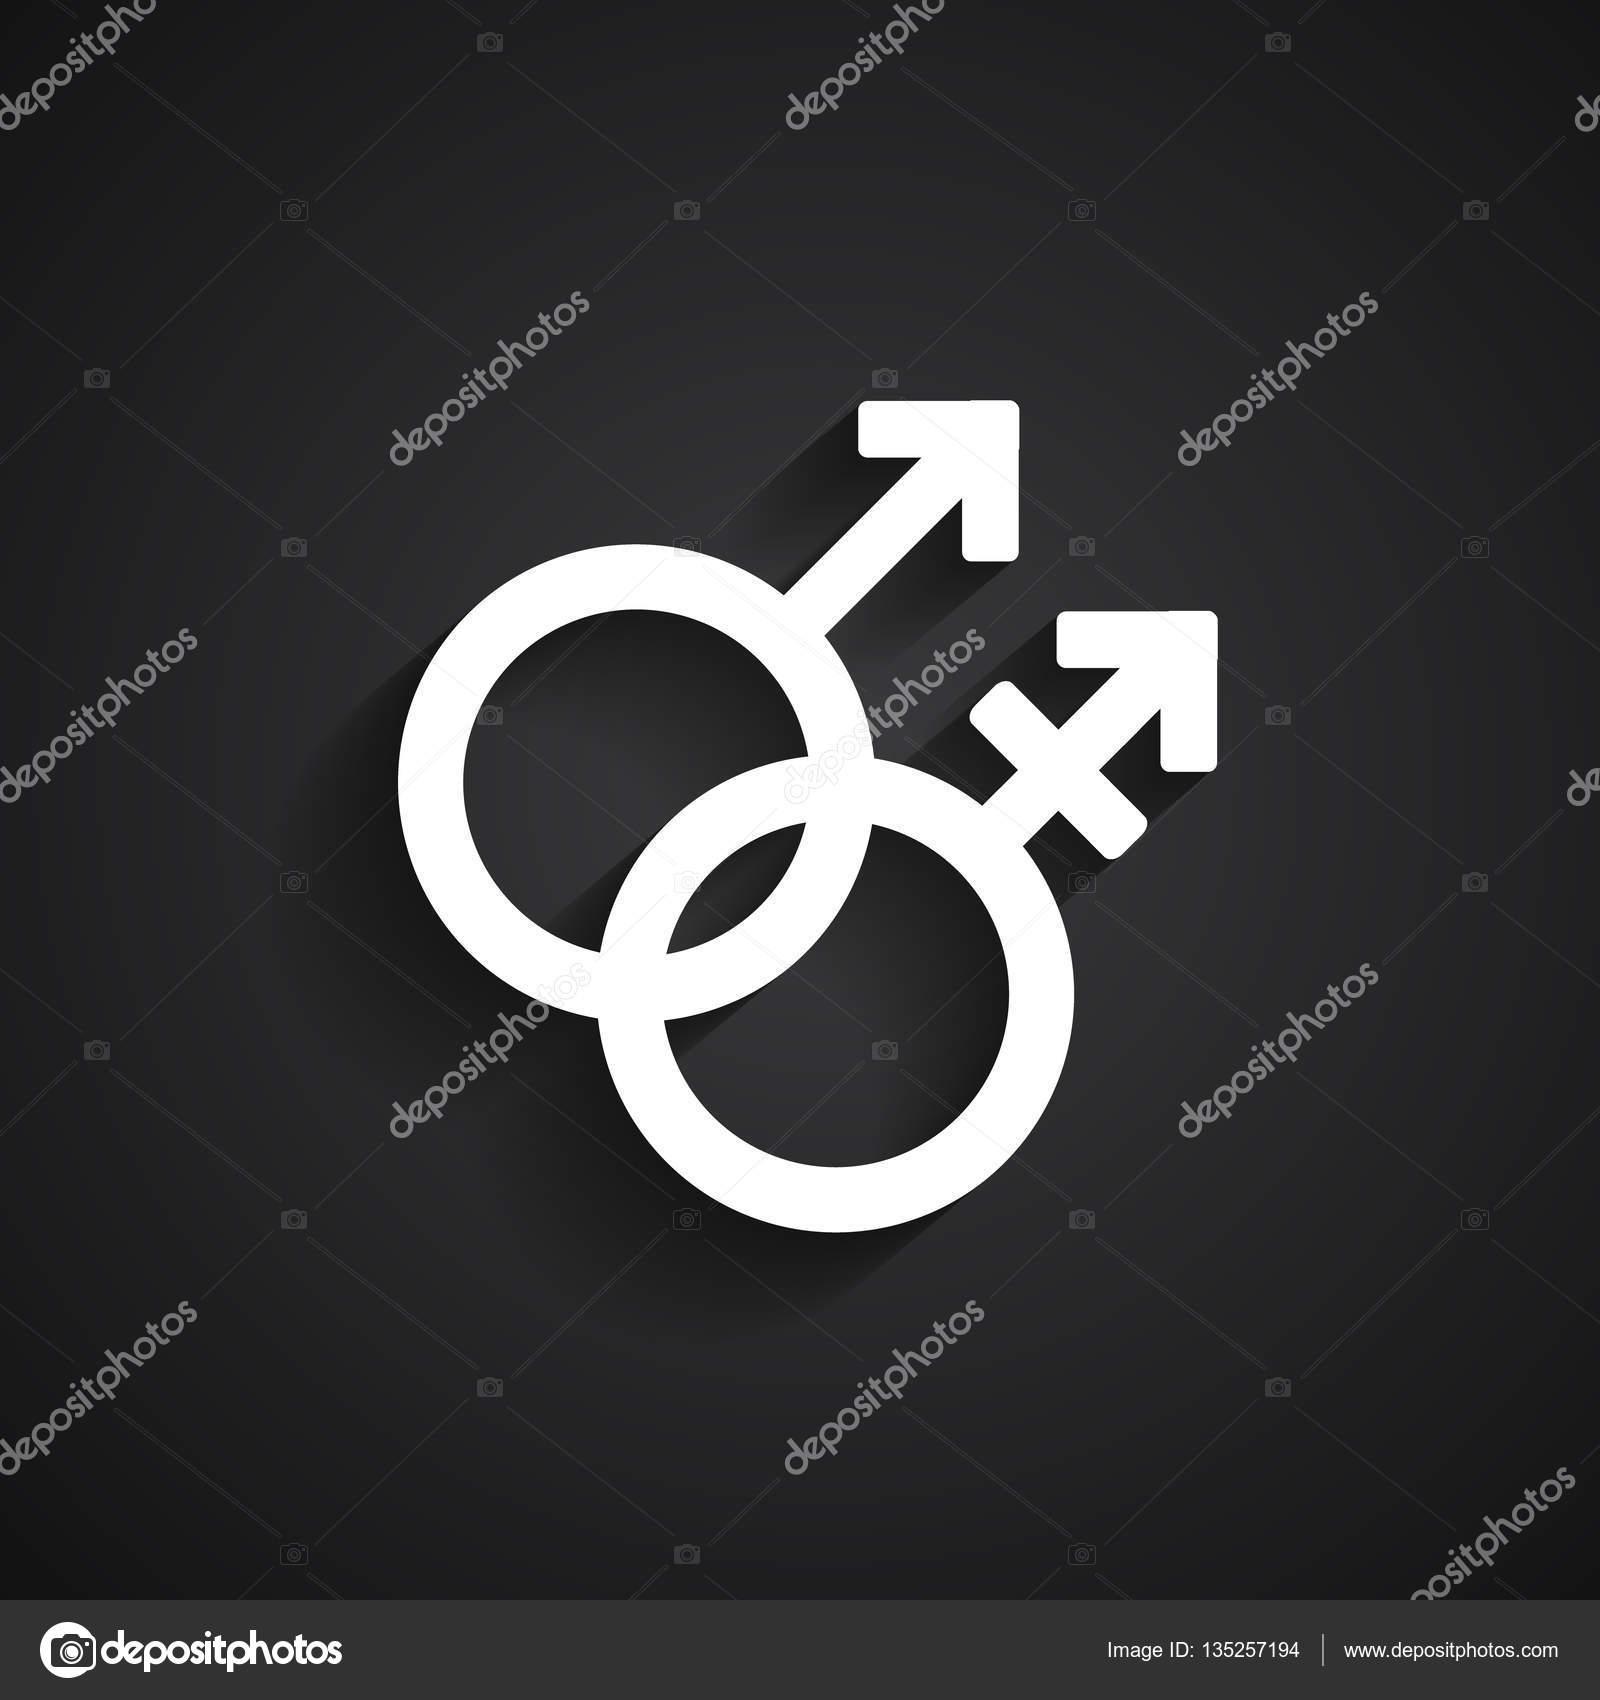 noir sur noir transexuelle sexe nu lesbienne professeur